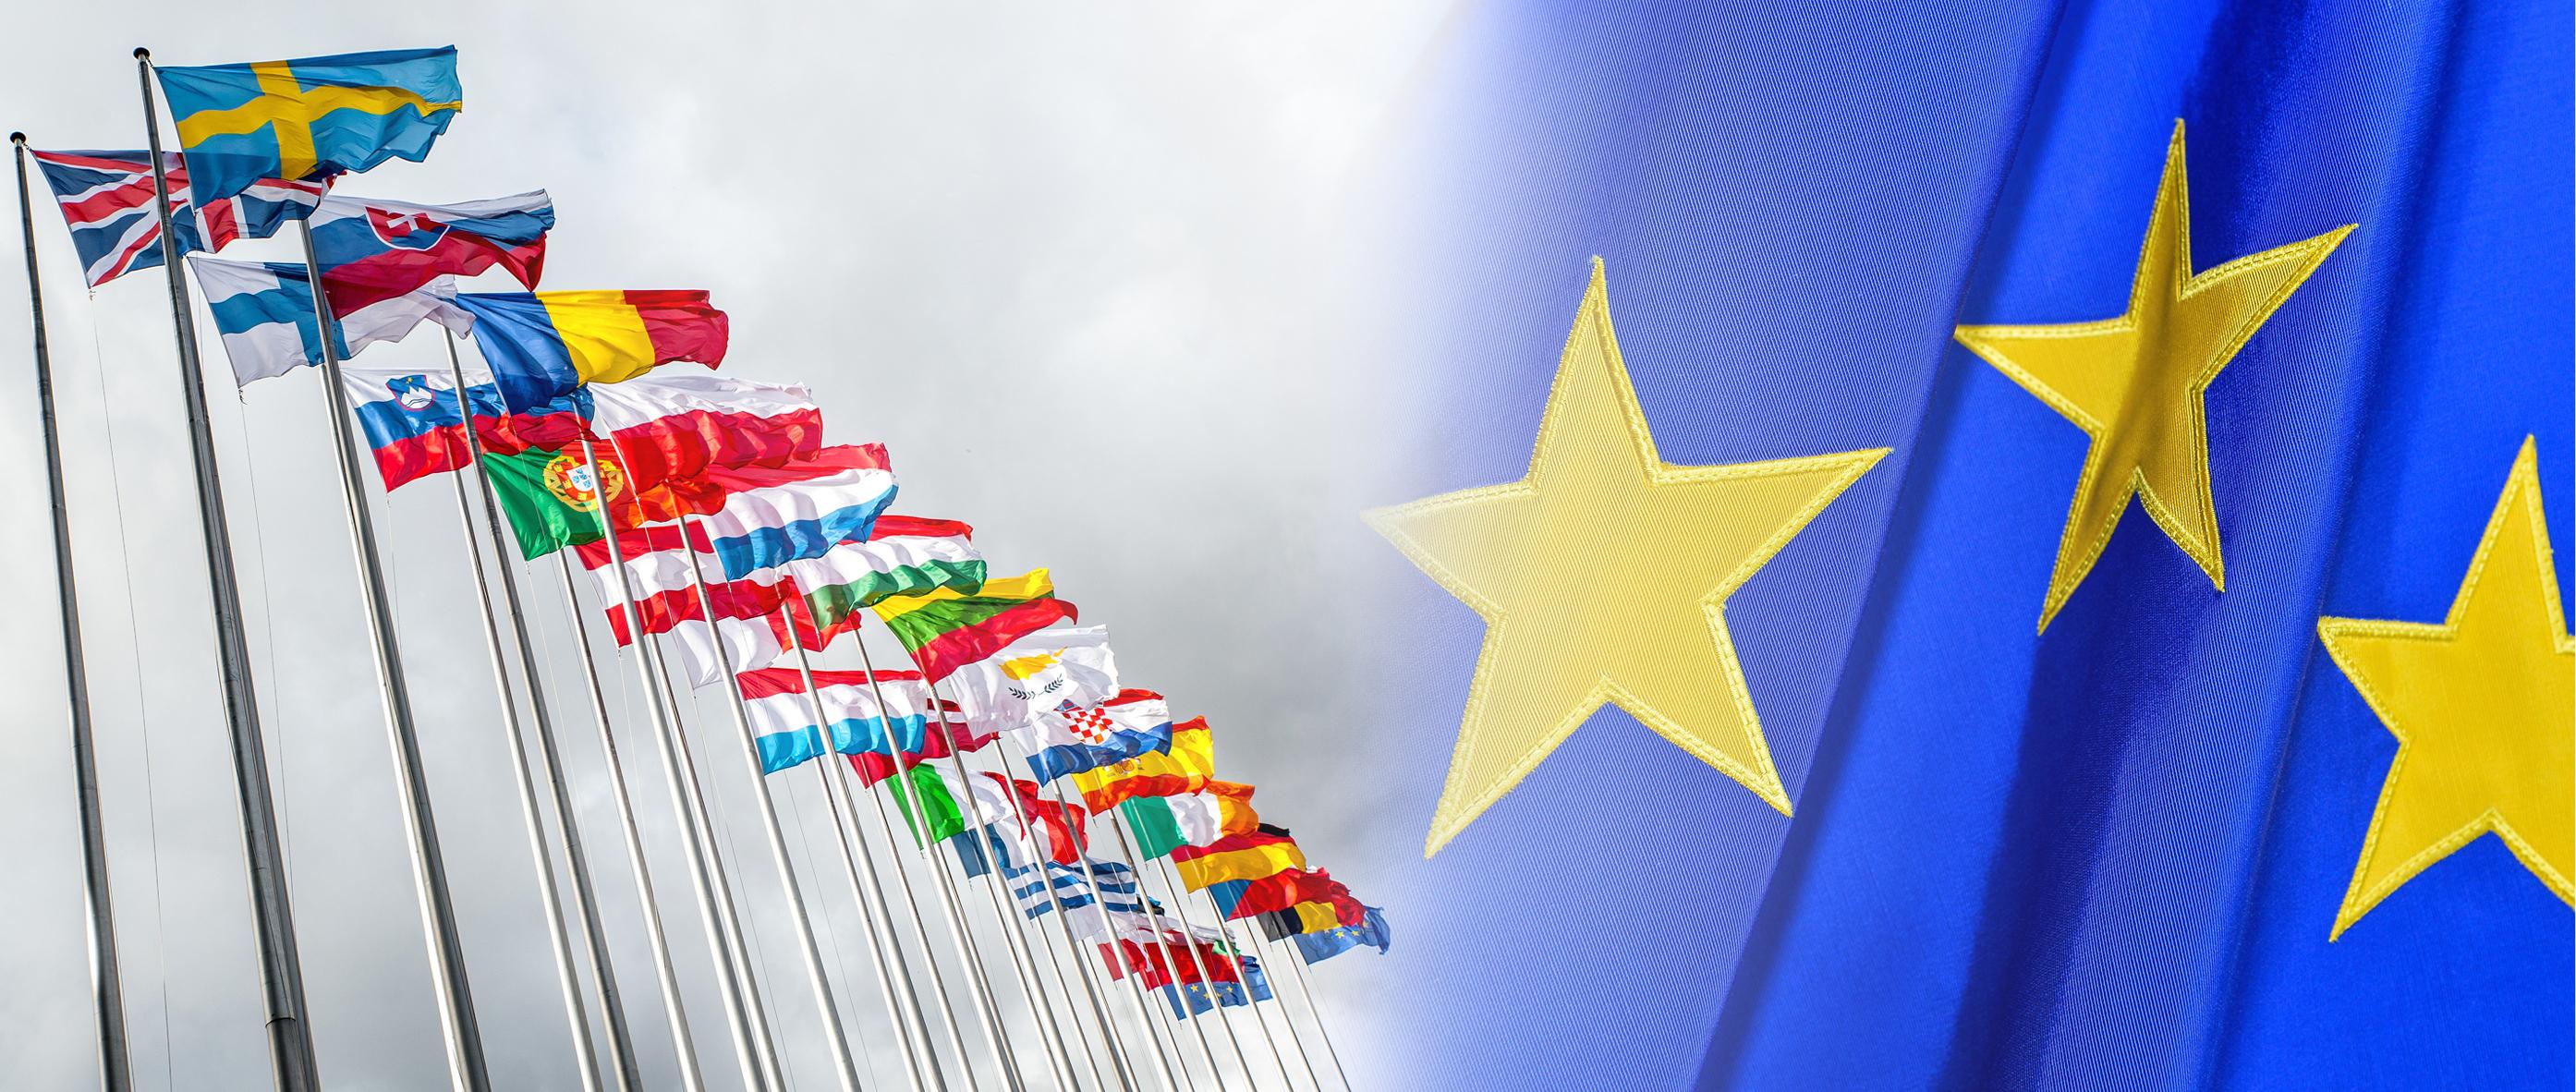 Raporti i Evropës për Shqipërinë: Borxhi publik nuk është ulur, papunesi e lartë